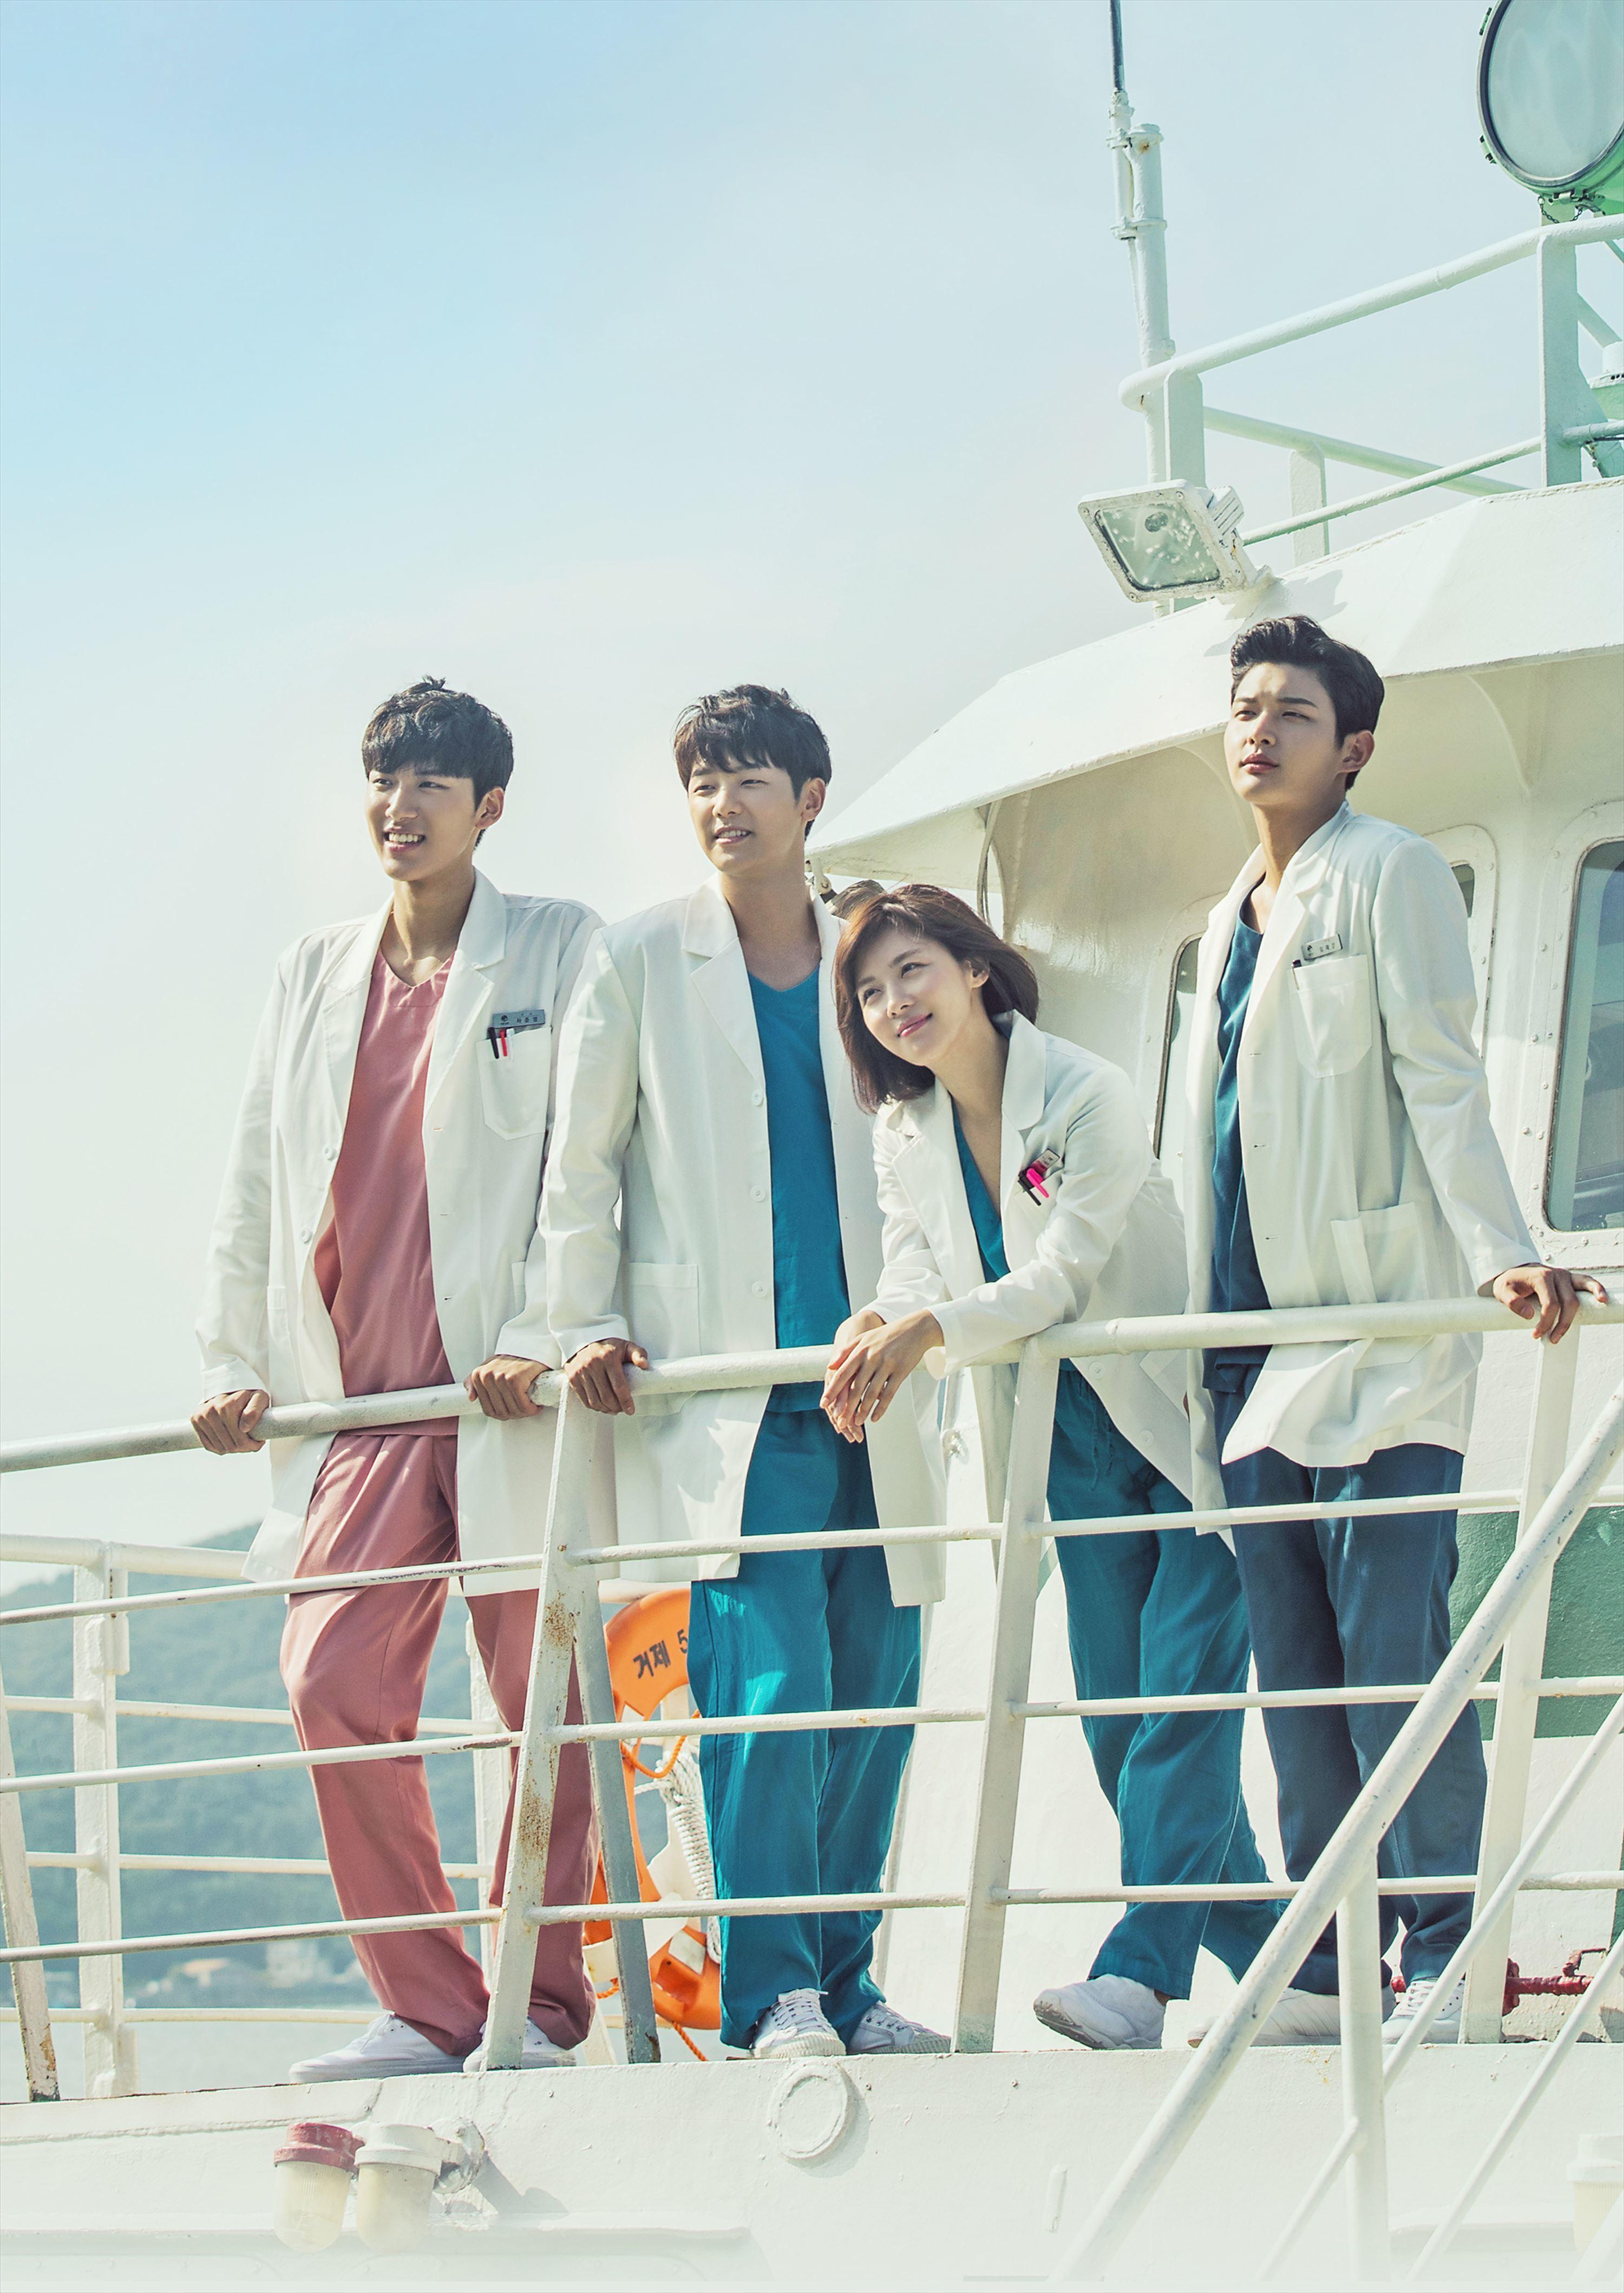 「病院船」のヒロイン、ハ・ジウォンさんインタビュー_1_3